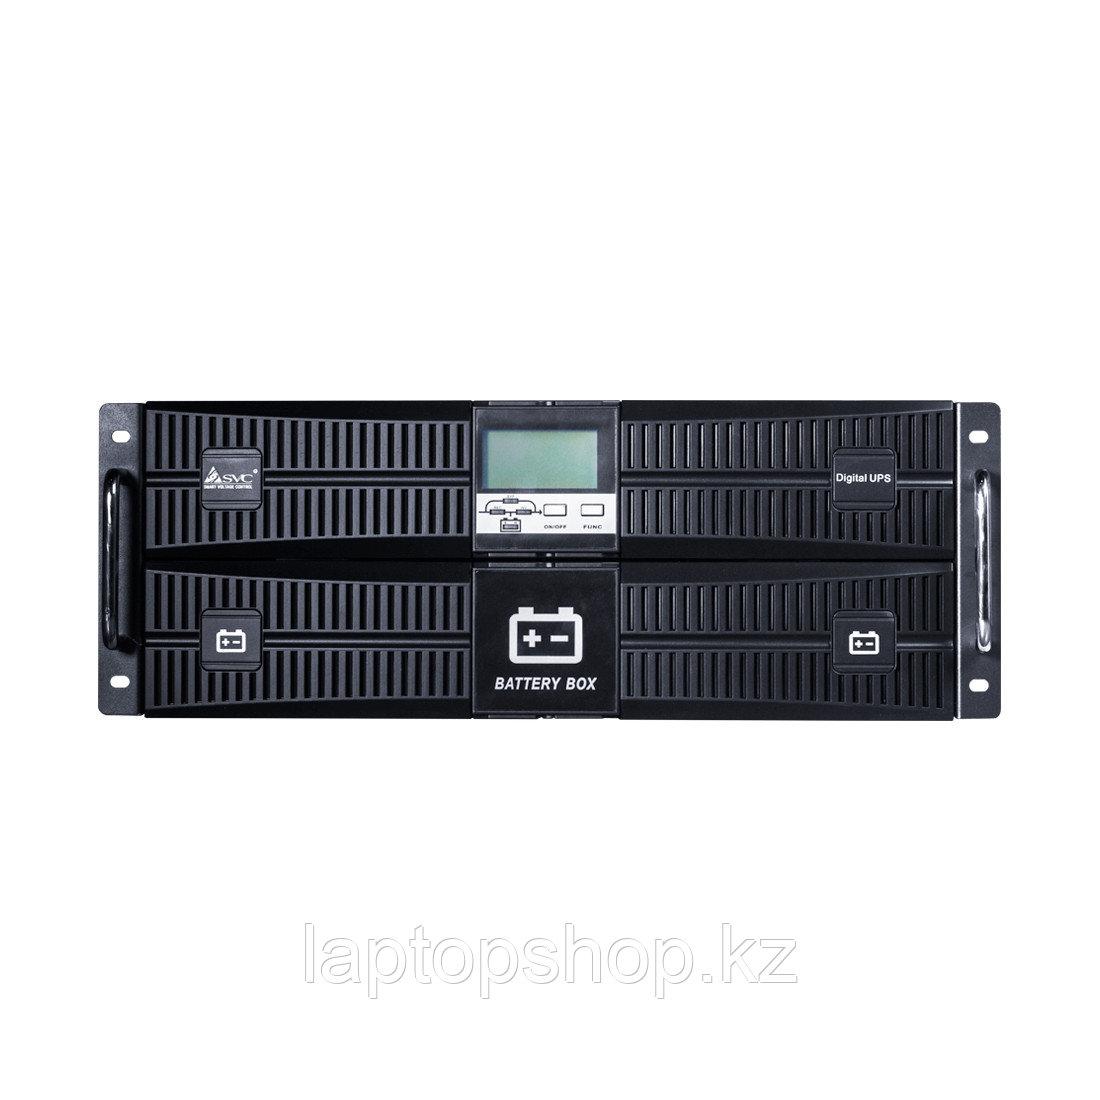 Источник бесперебойного питания SVC RT-6KL-LCD, Мощность 6кВА/6кВт